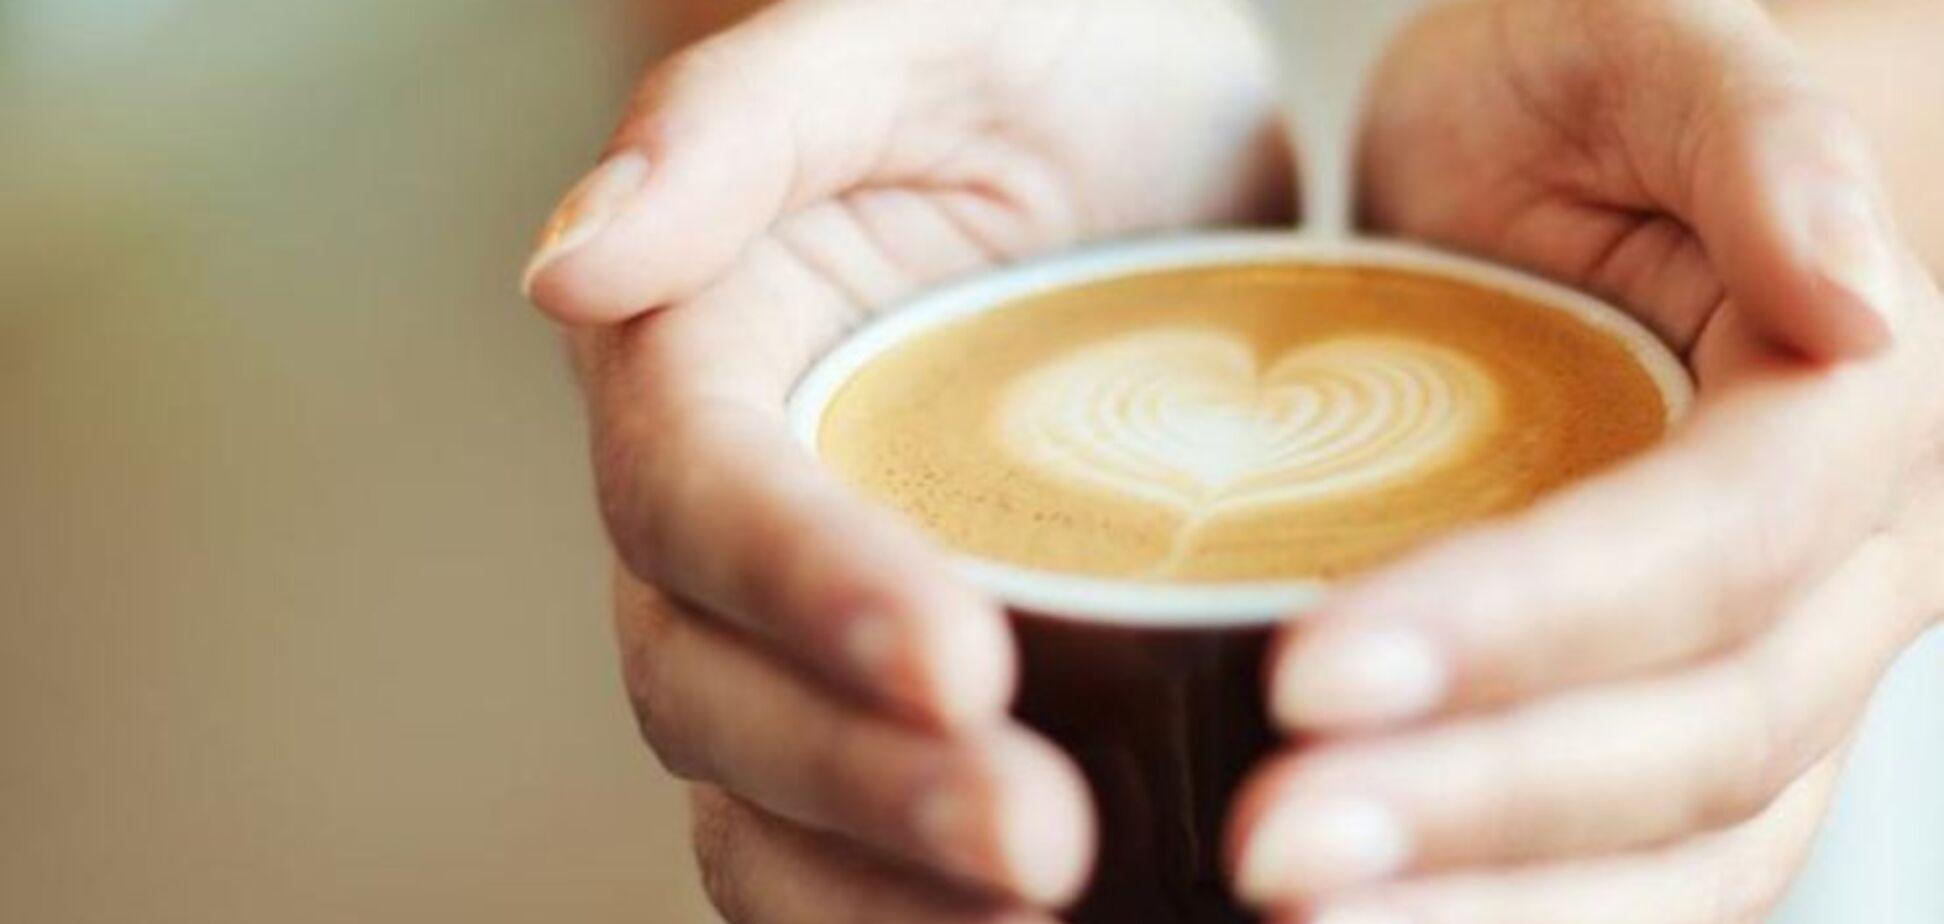 Знижує ризики захворіти: вчені назвали несподівану користь кави